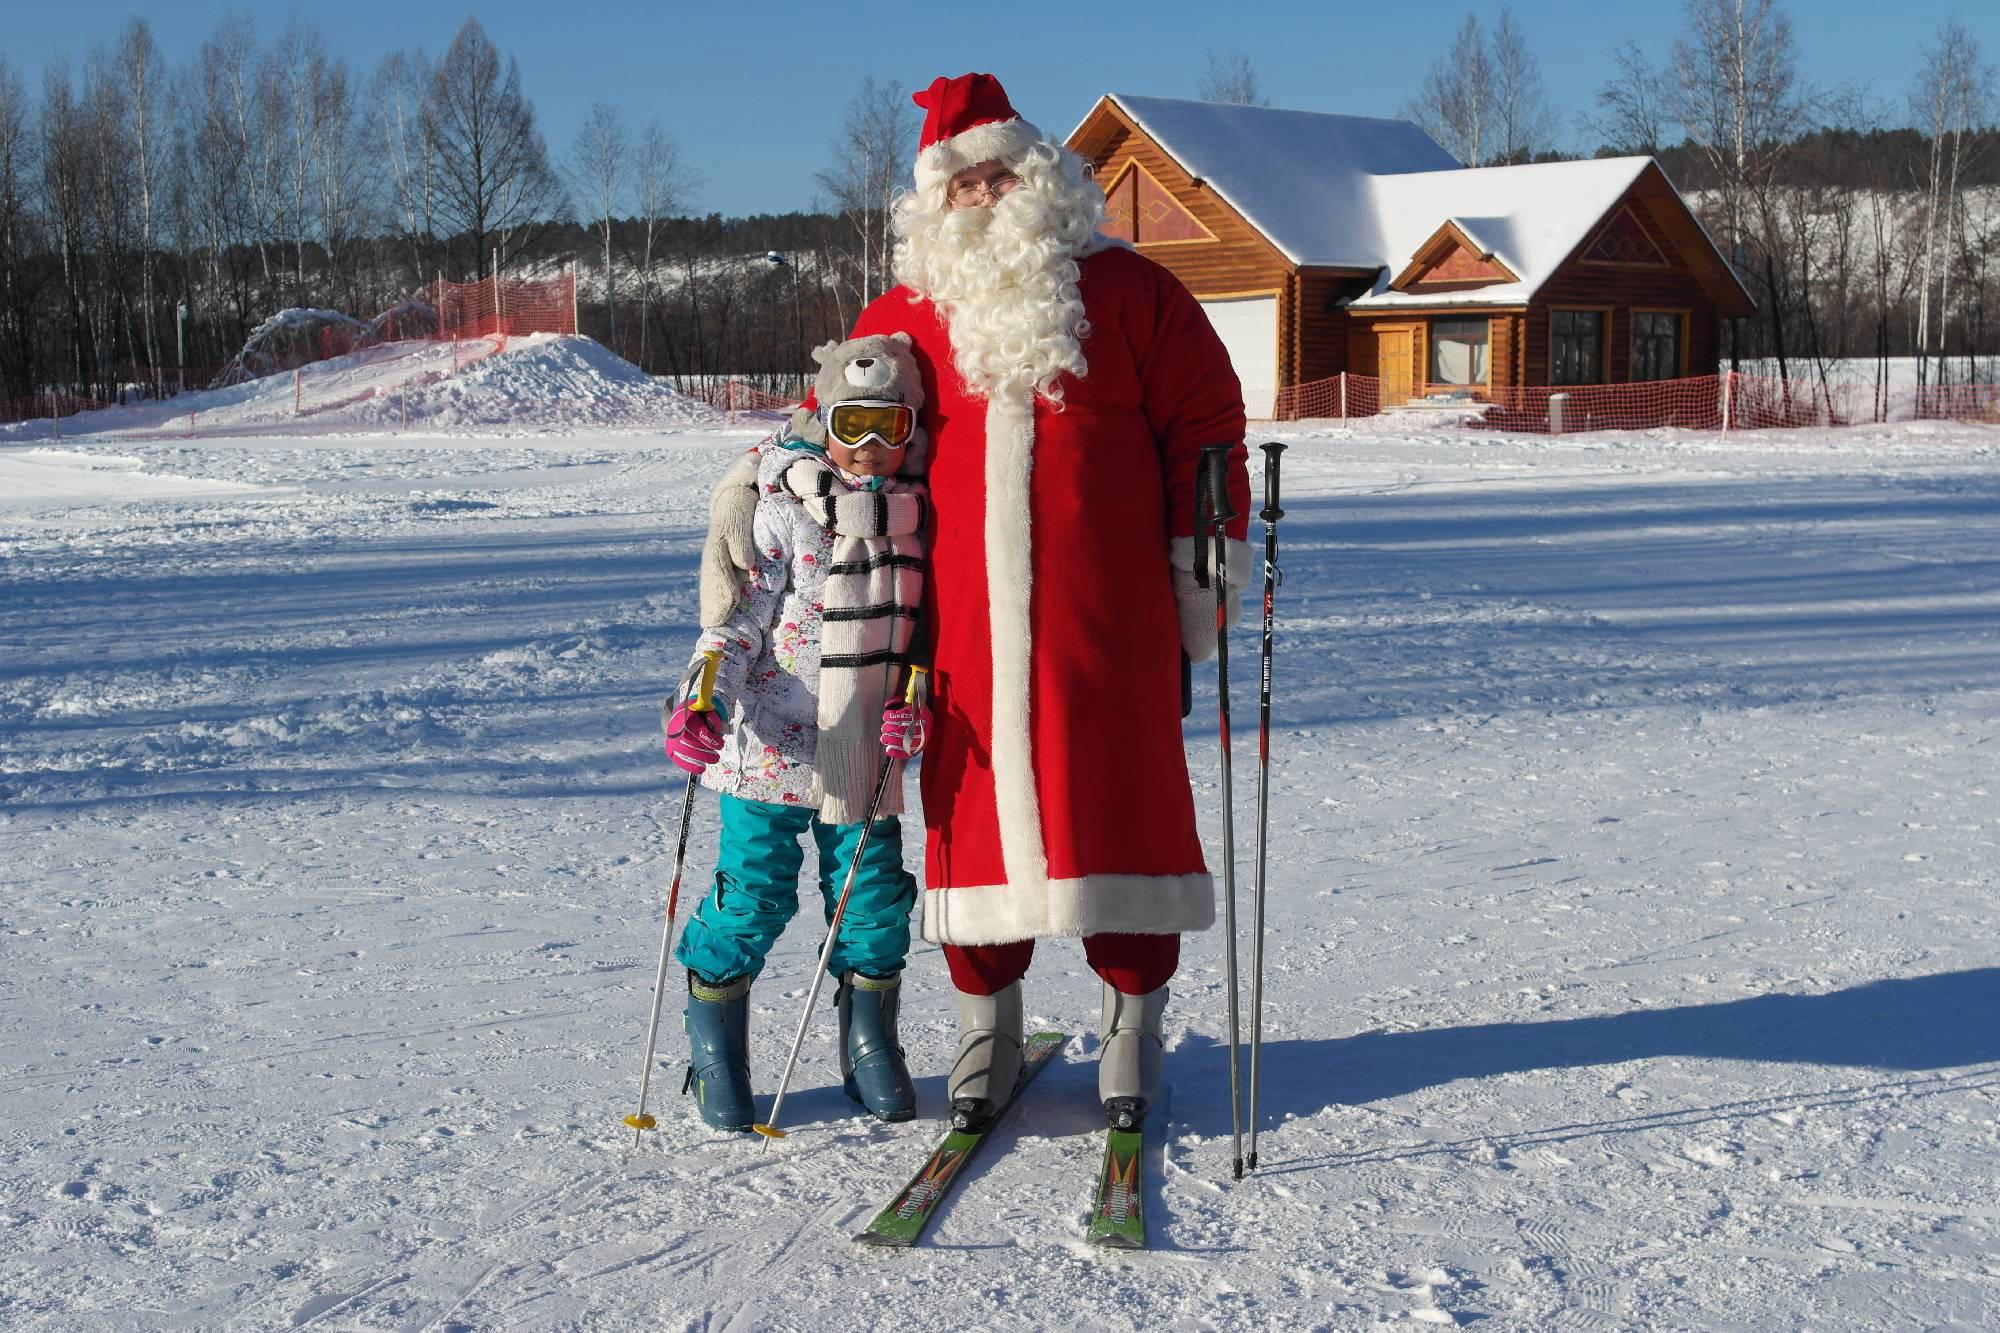 Janne, 13:s joulupukki